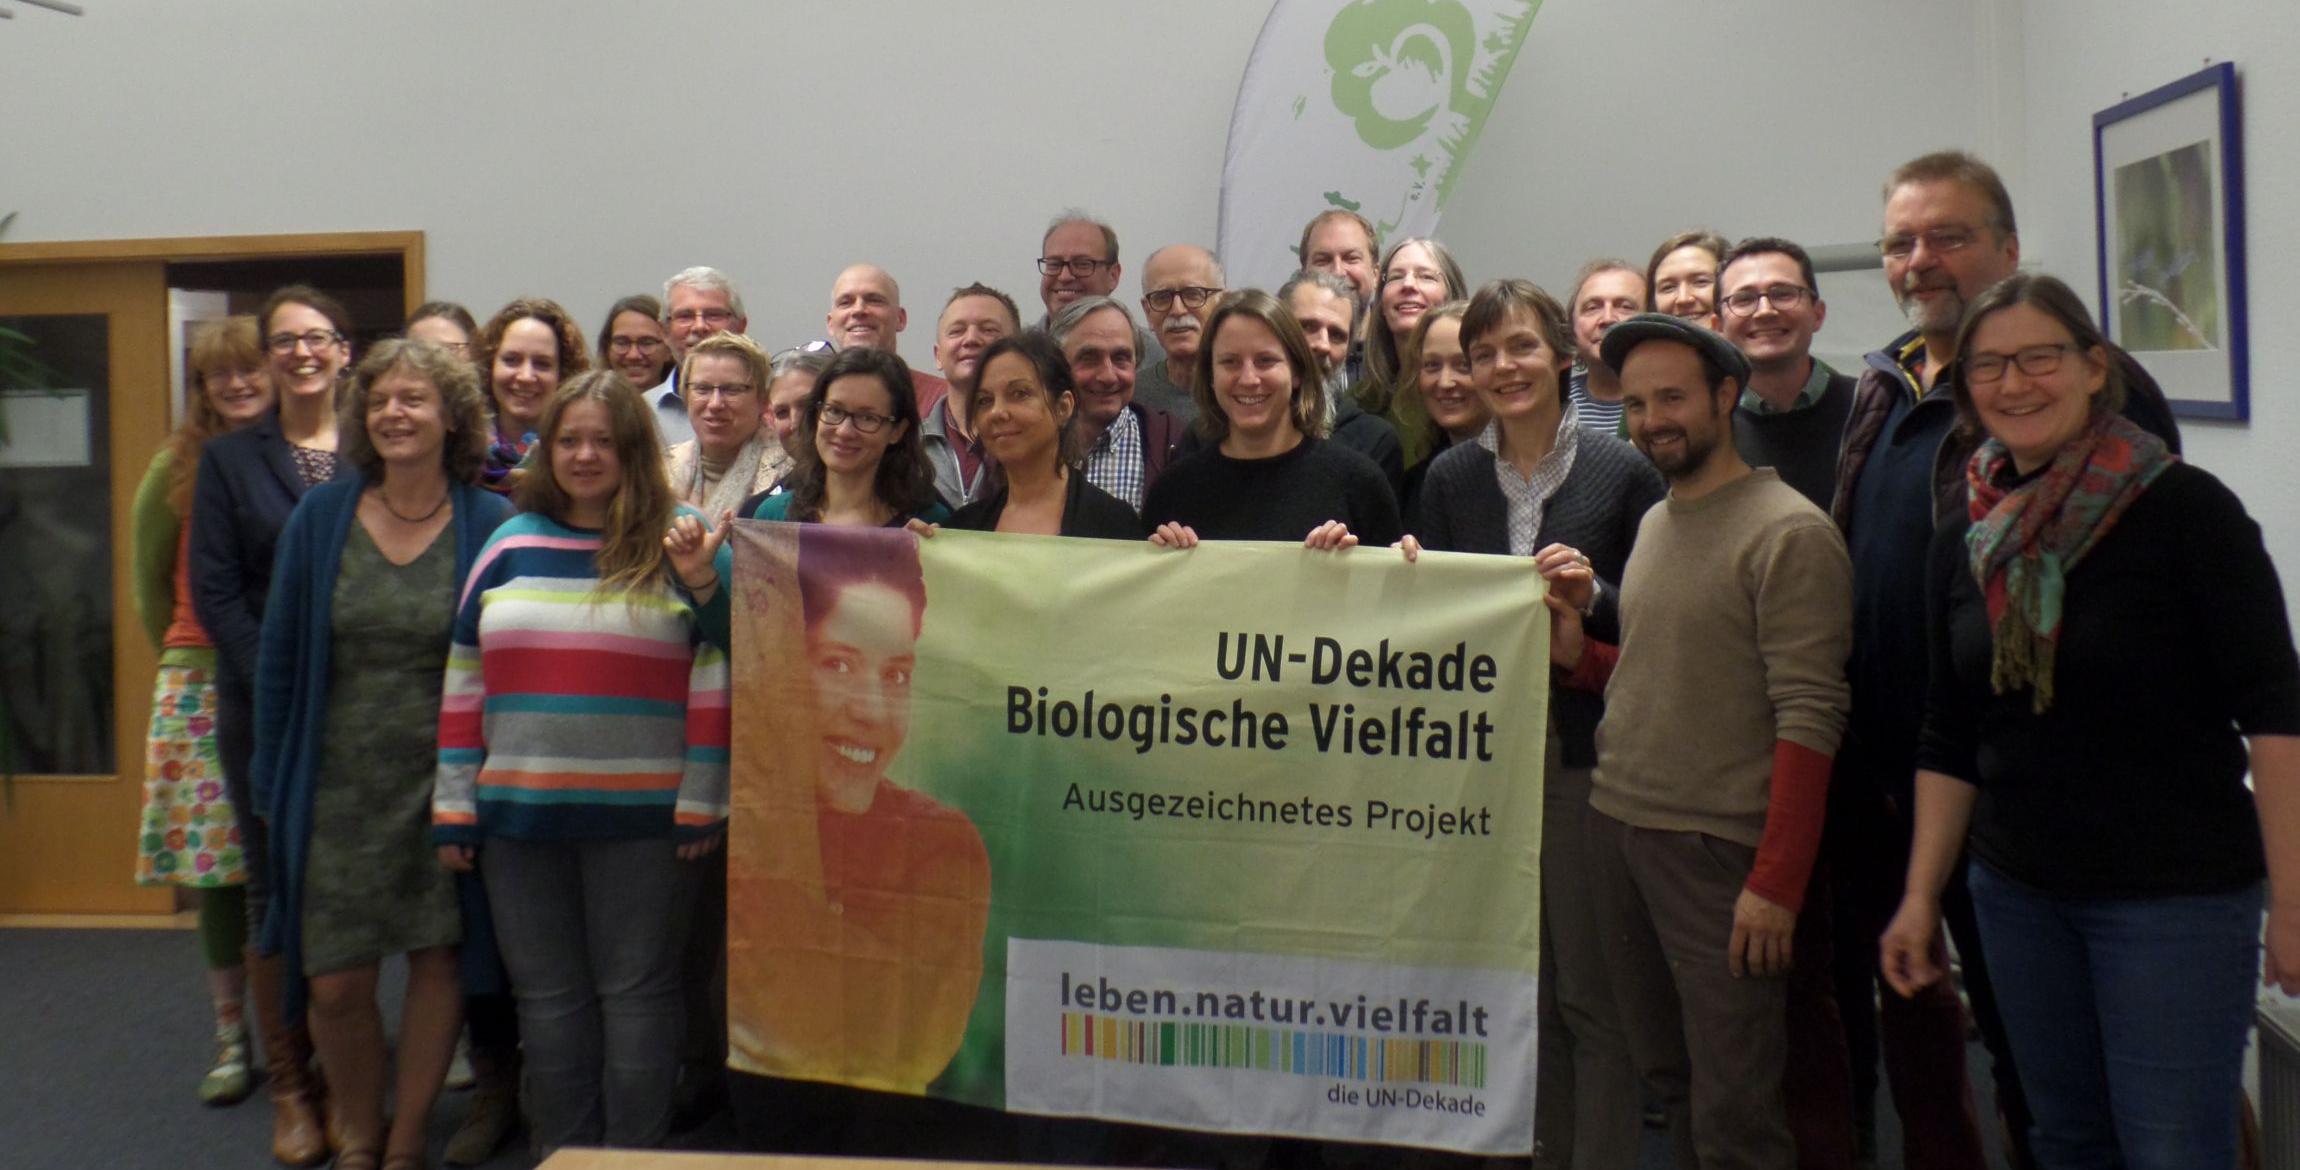 Streuobst-Pädagogen Niedersachsen 2019